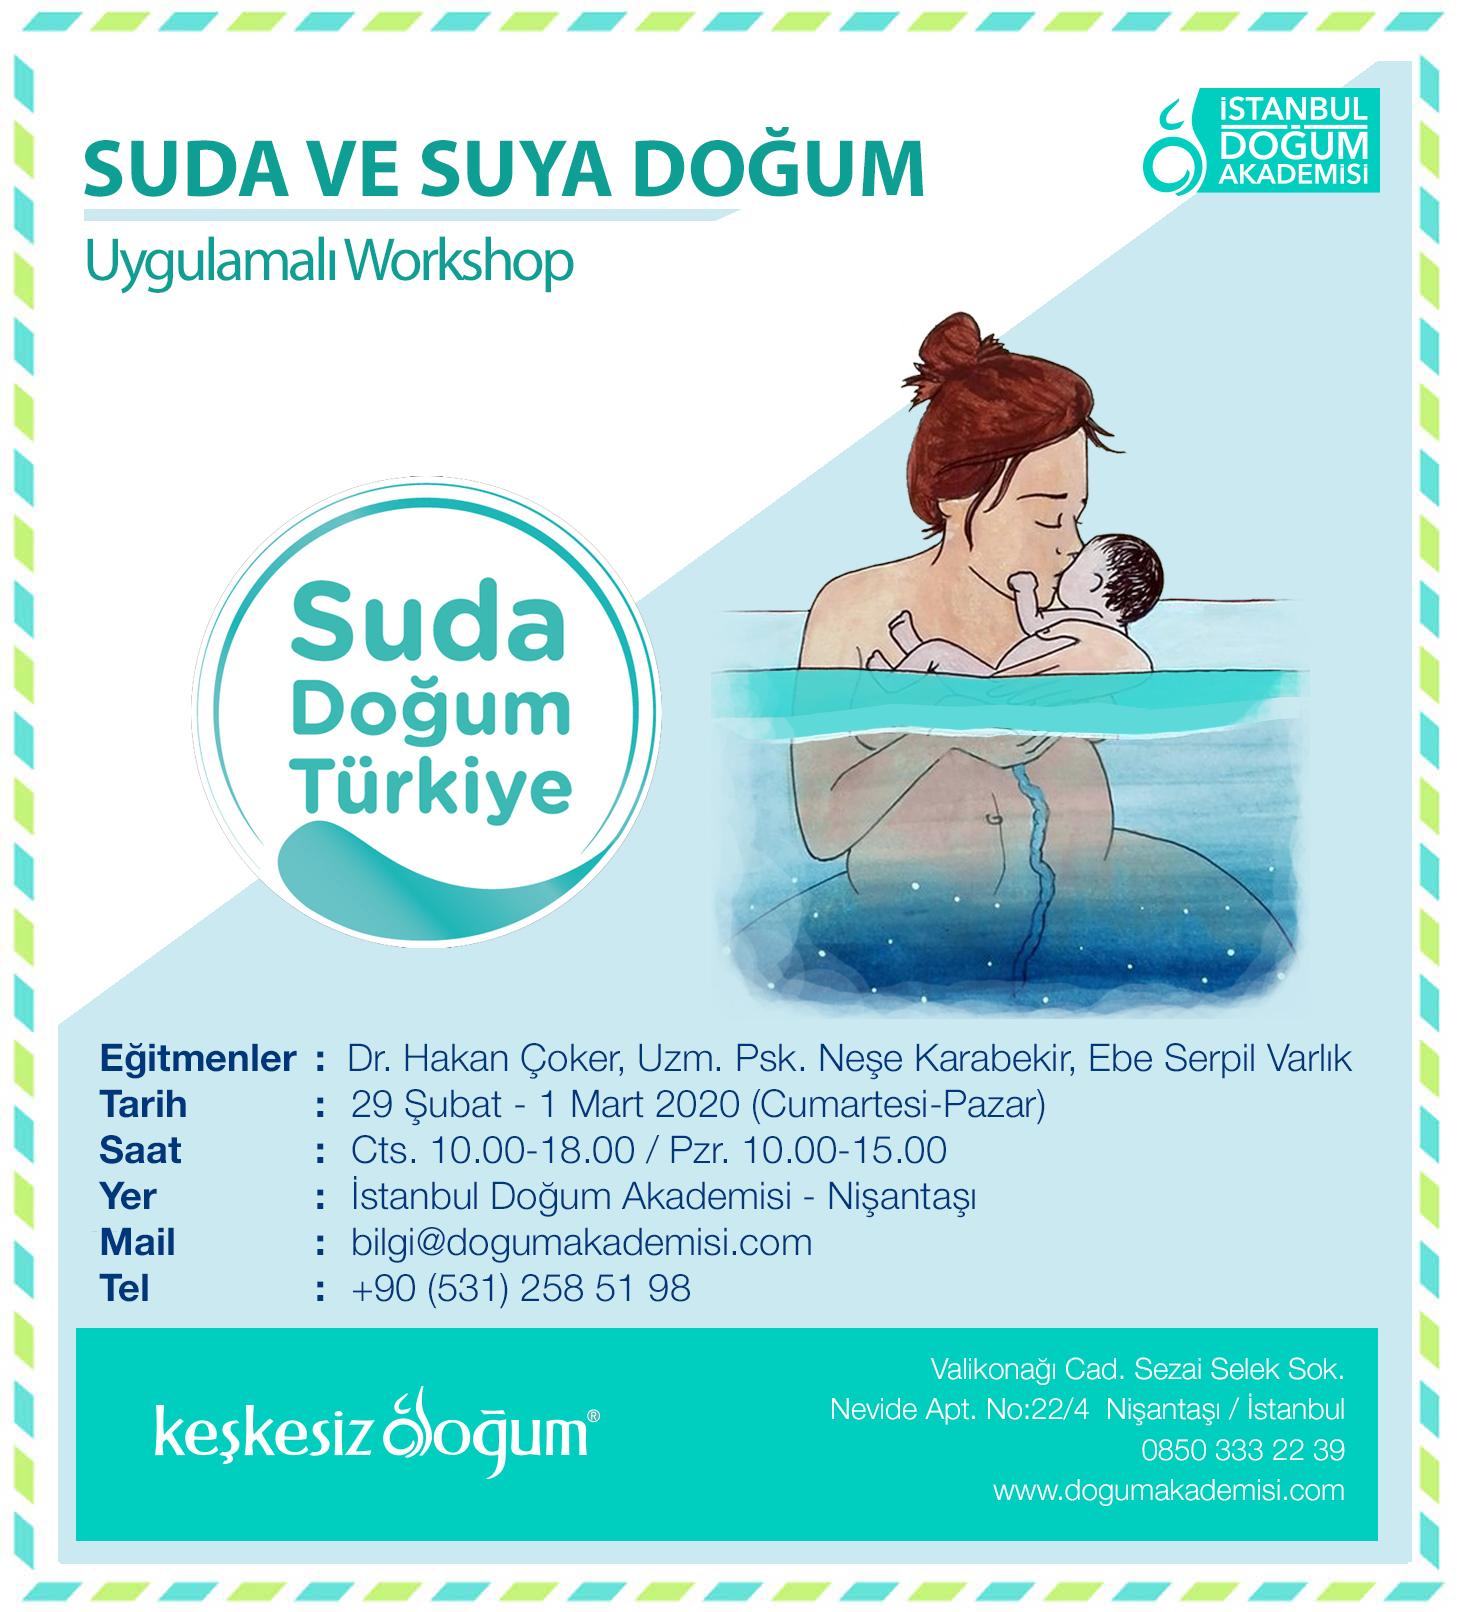 4. Suda ve Suya Doğum Eğitimi